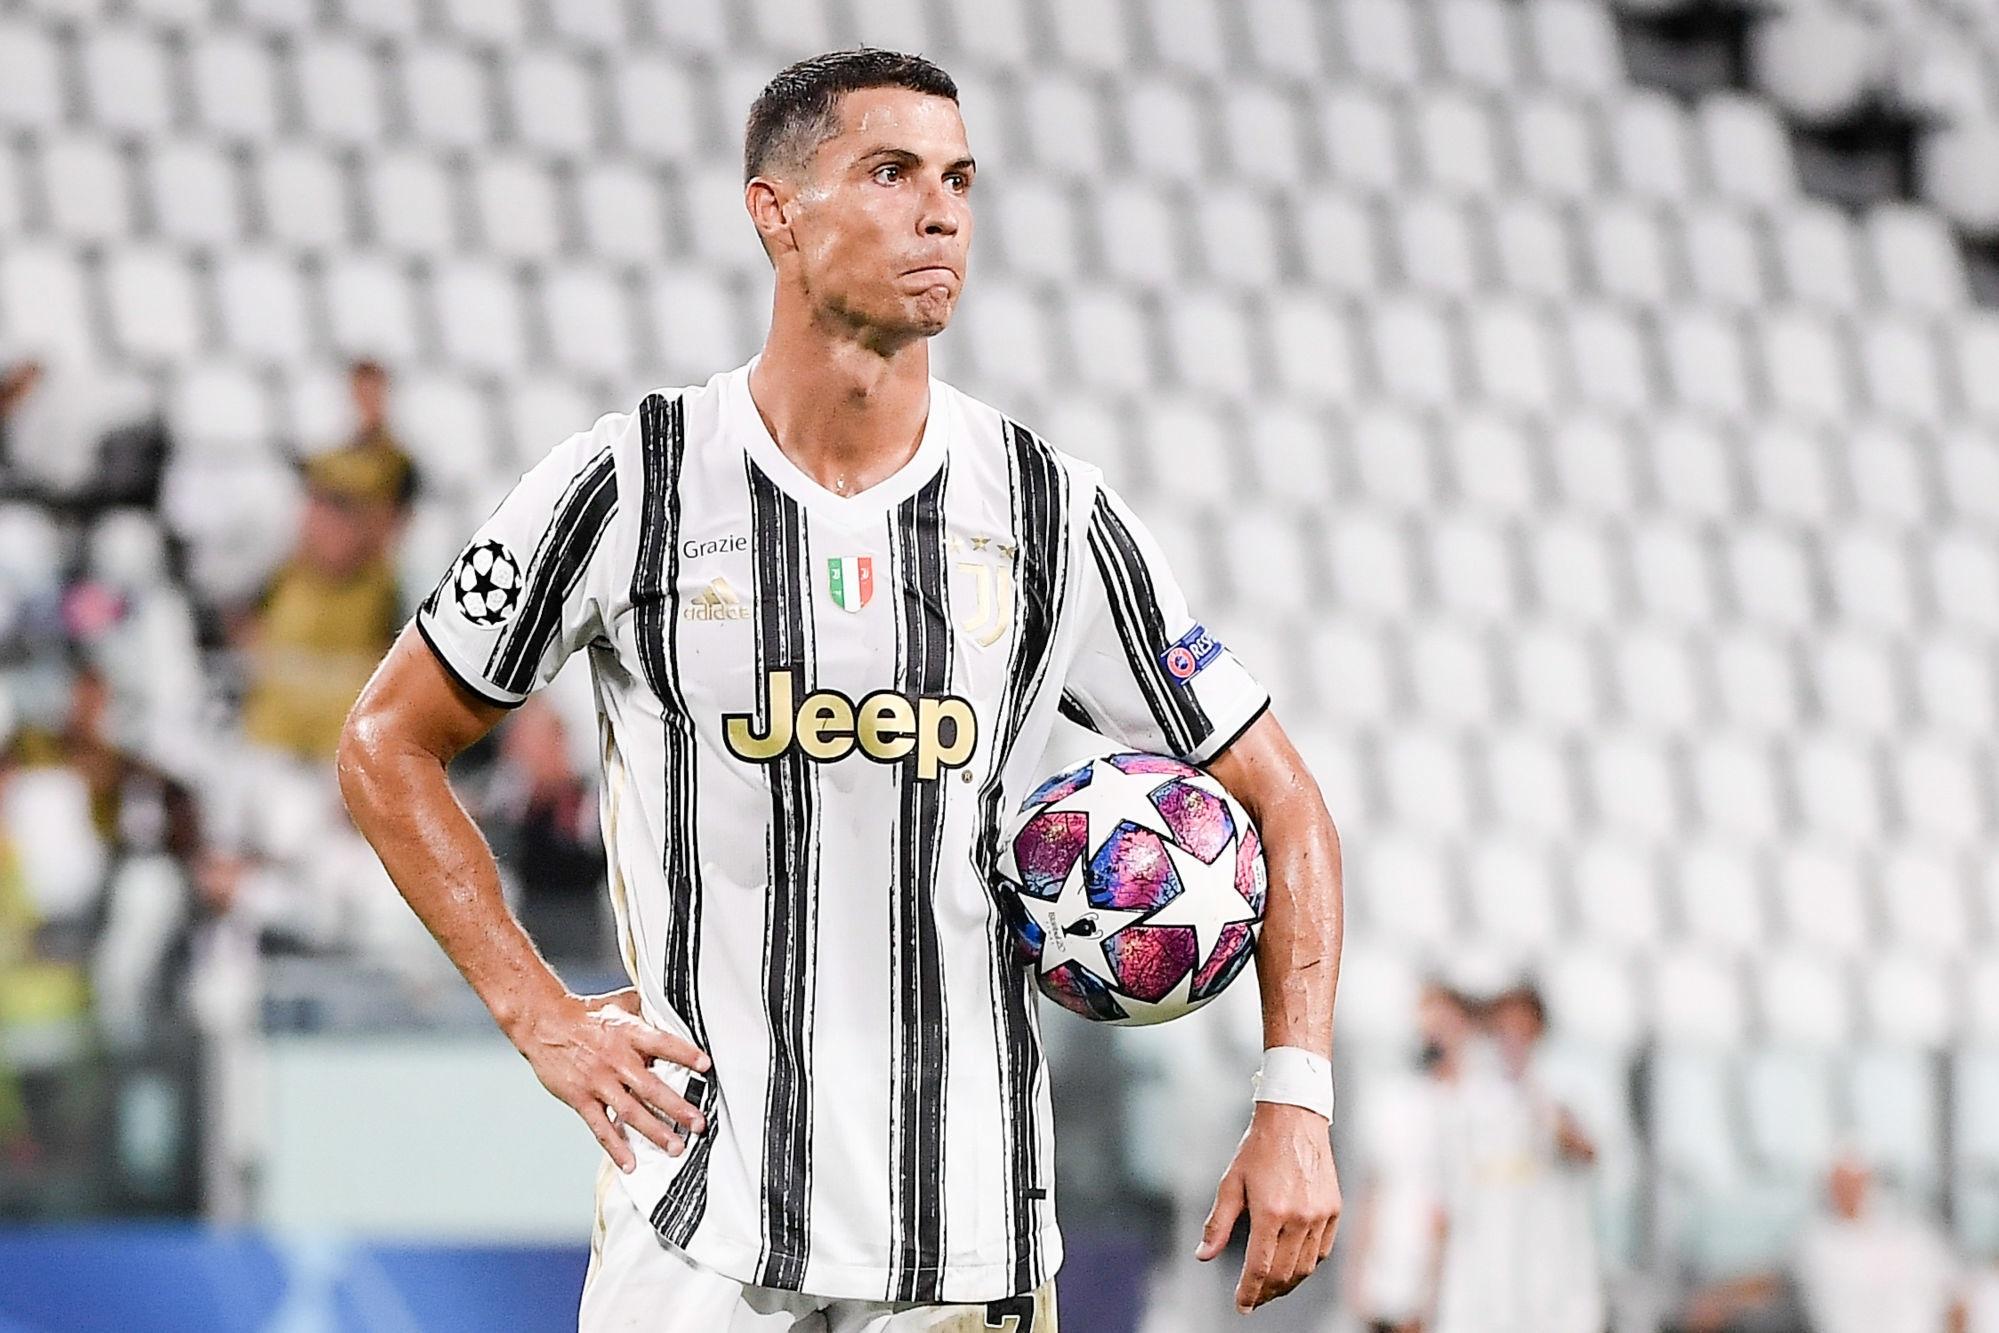 Mercato - Balague assure que Cristiano Ronaldo a été proposé au PSG et au Barça notamment